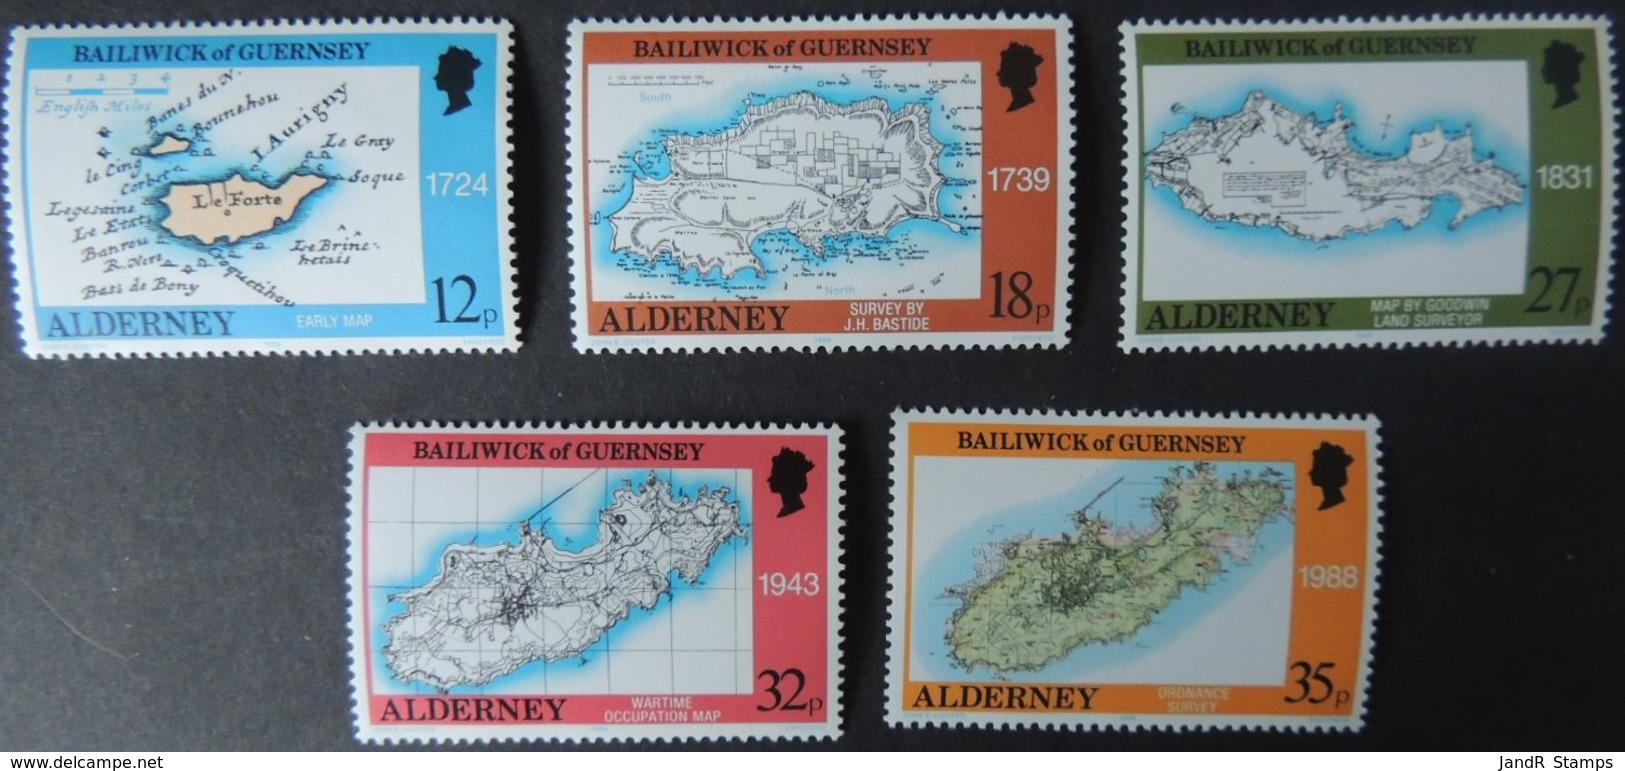 ALDERNEY 1989 MAPS SET OF 5 VALUES MNH A37-A41 ISLANDS - Alderney